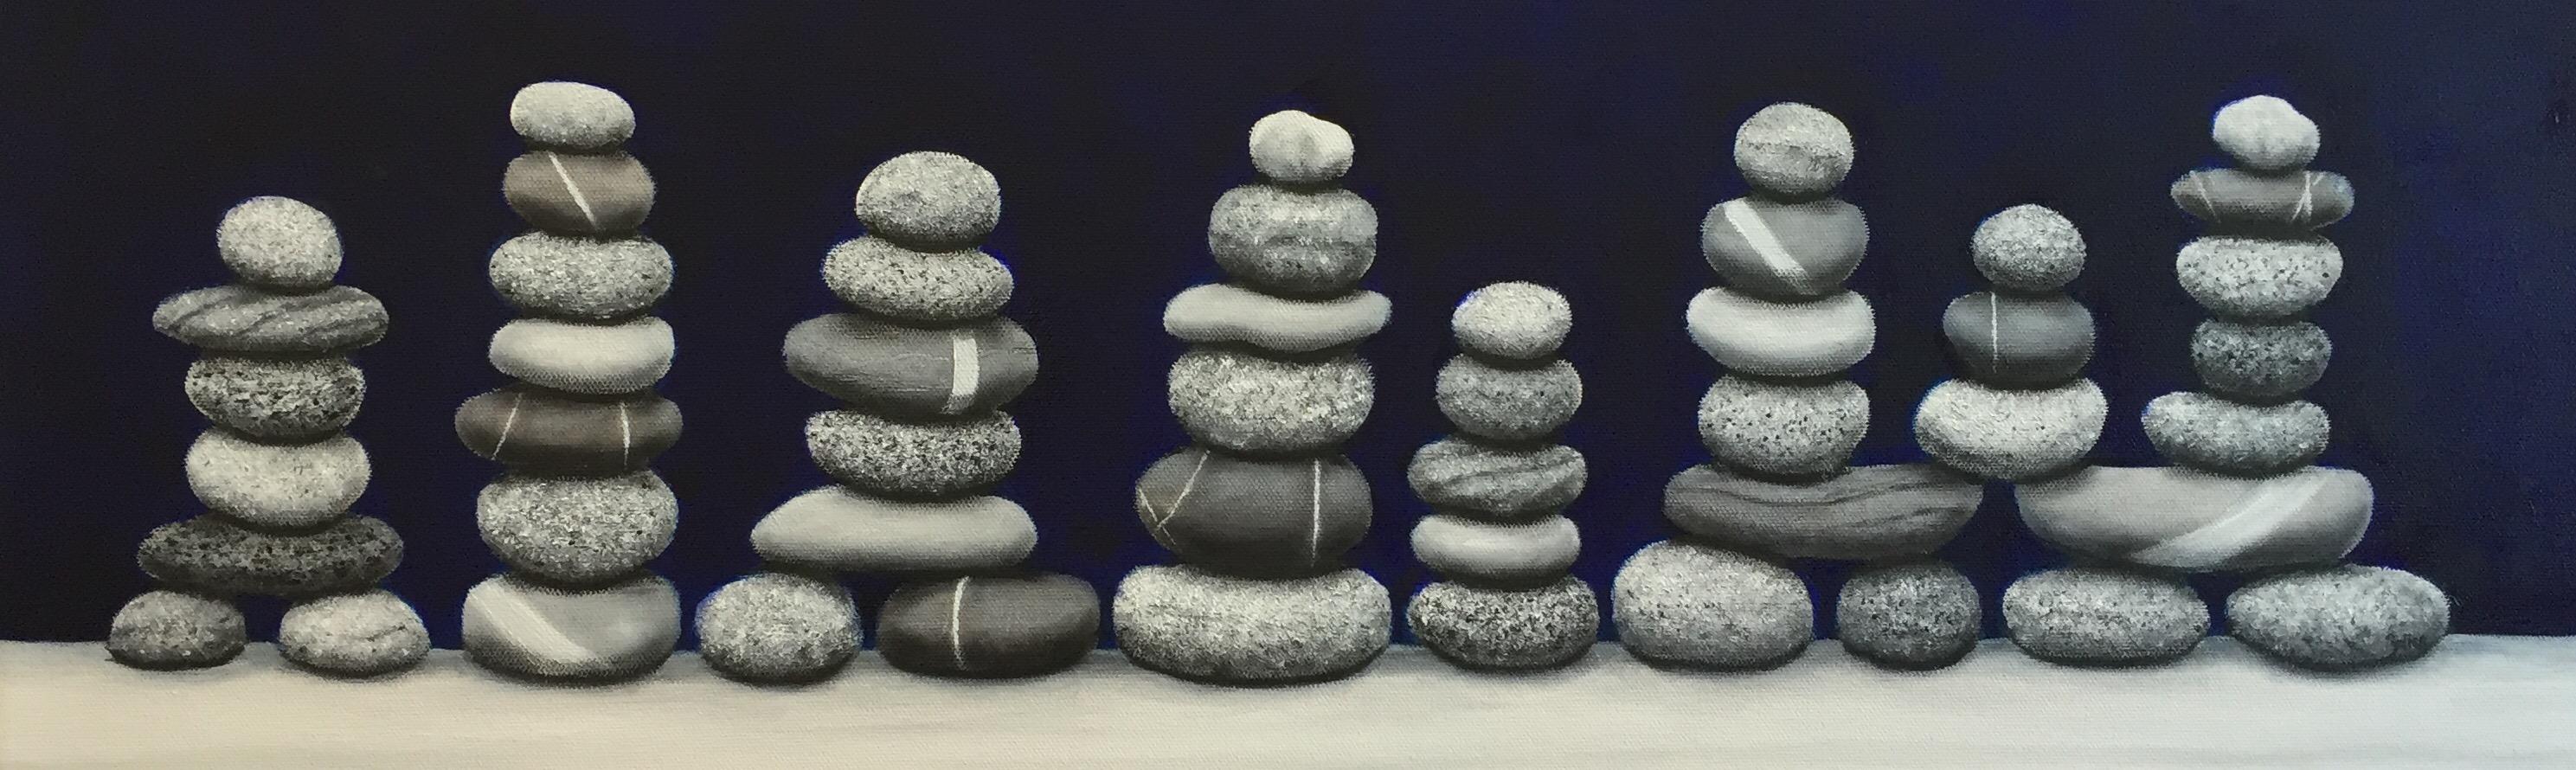 50 Stones